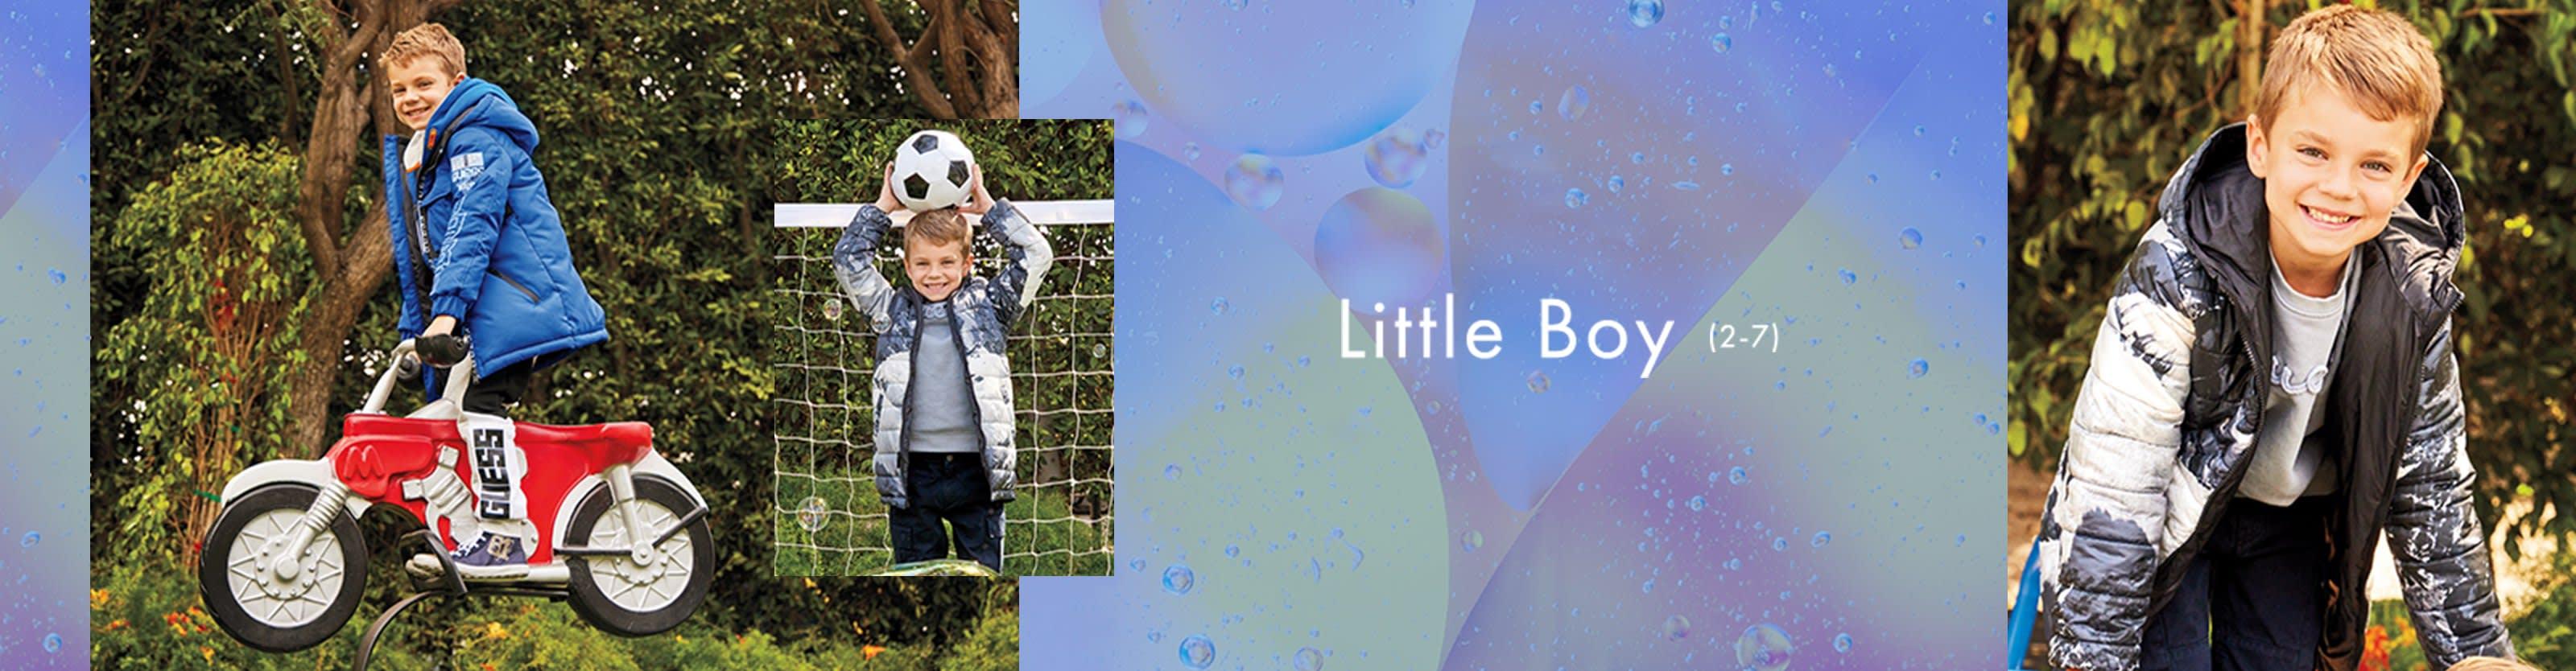 GUESS Kids Little Boy